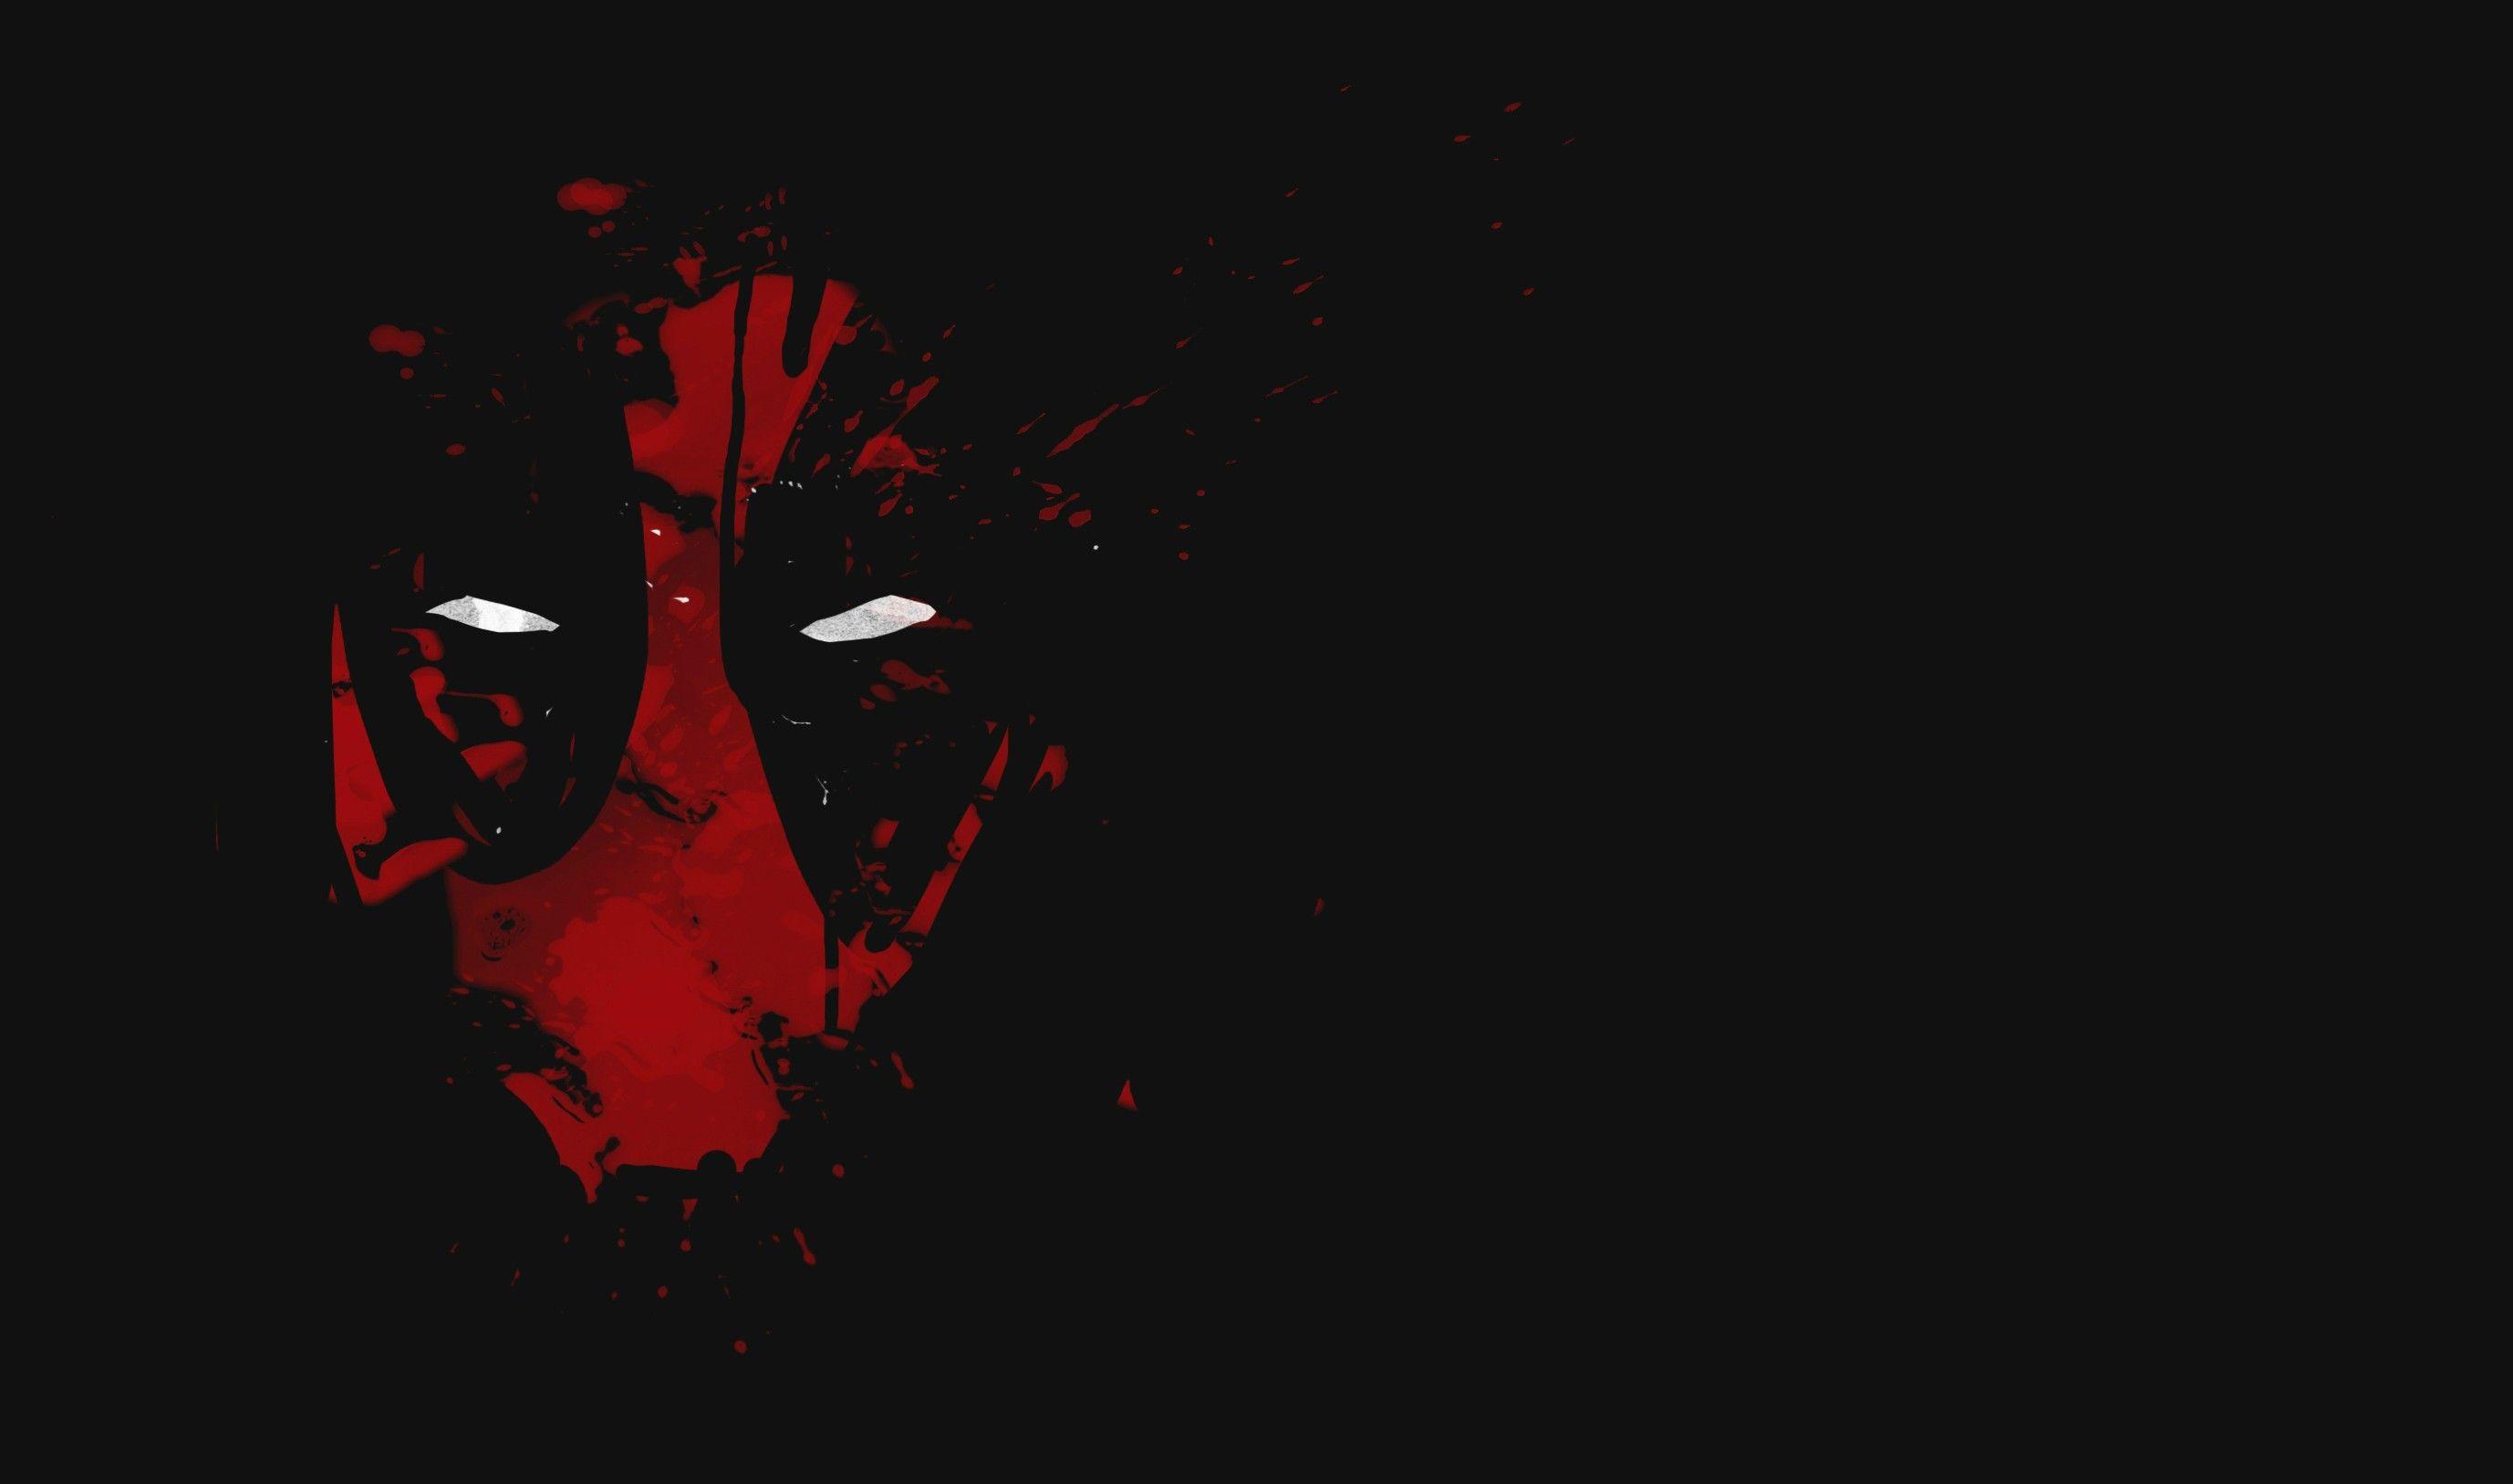 Deadpool Wallpaper Picture In 2020 Deadpool Wallpaper Deadpool Logo Wallpaper Superhero Wallpaper